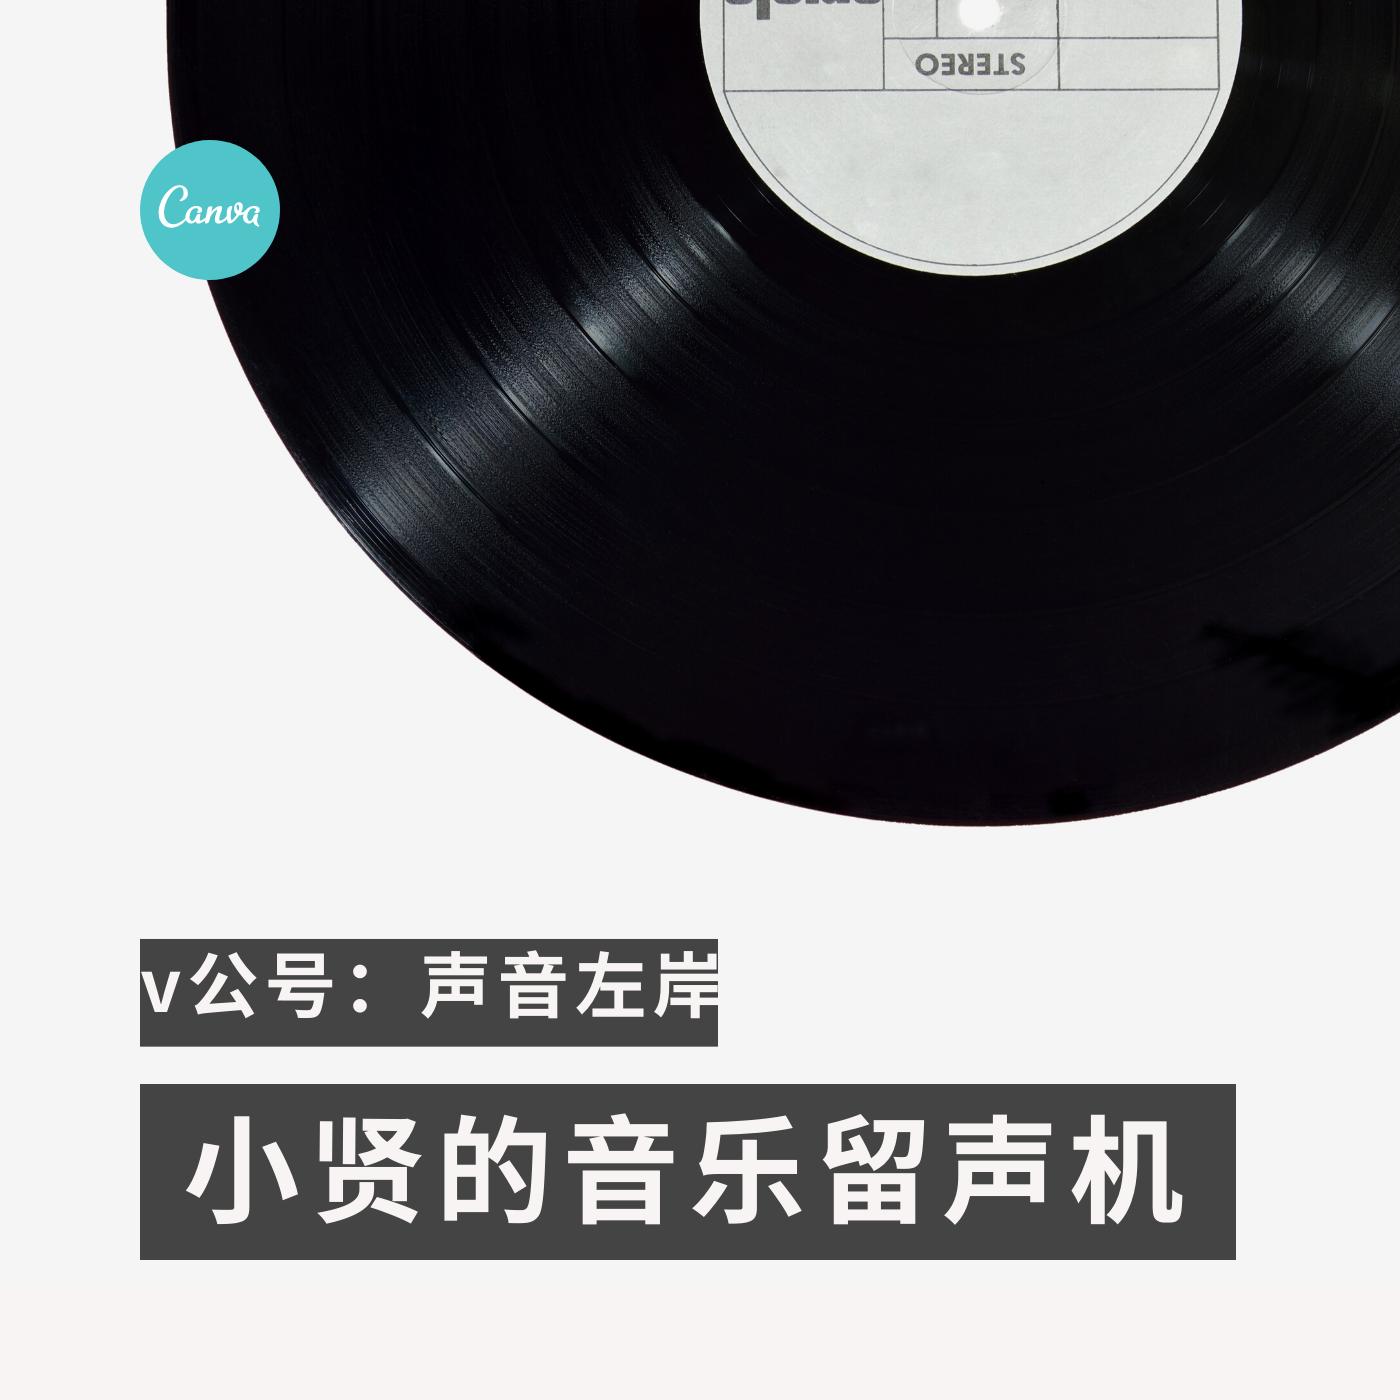 小贤的音乐留声机